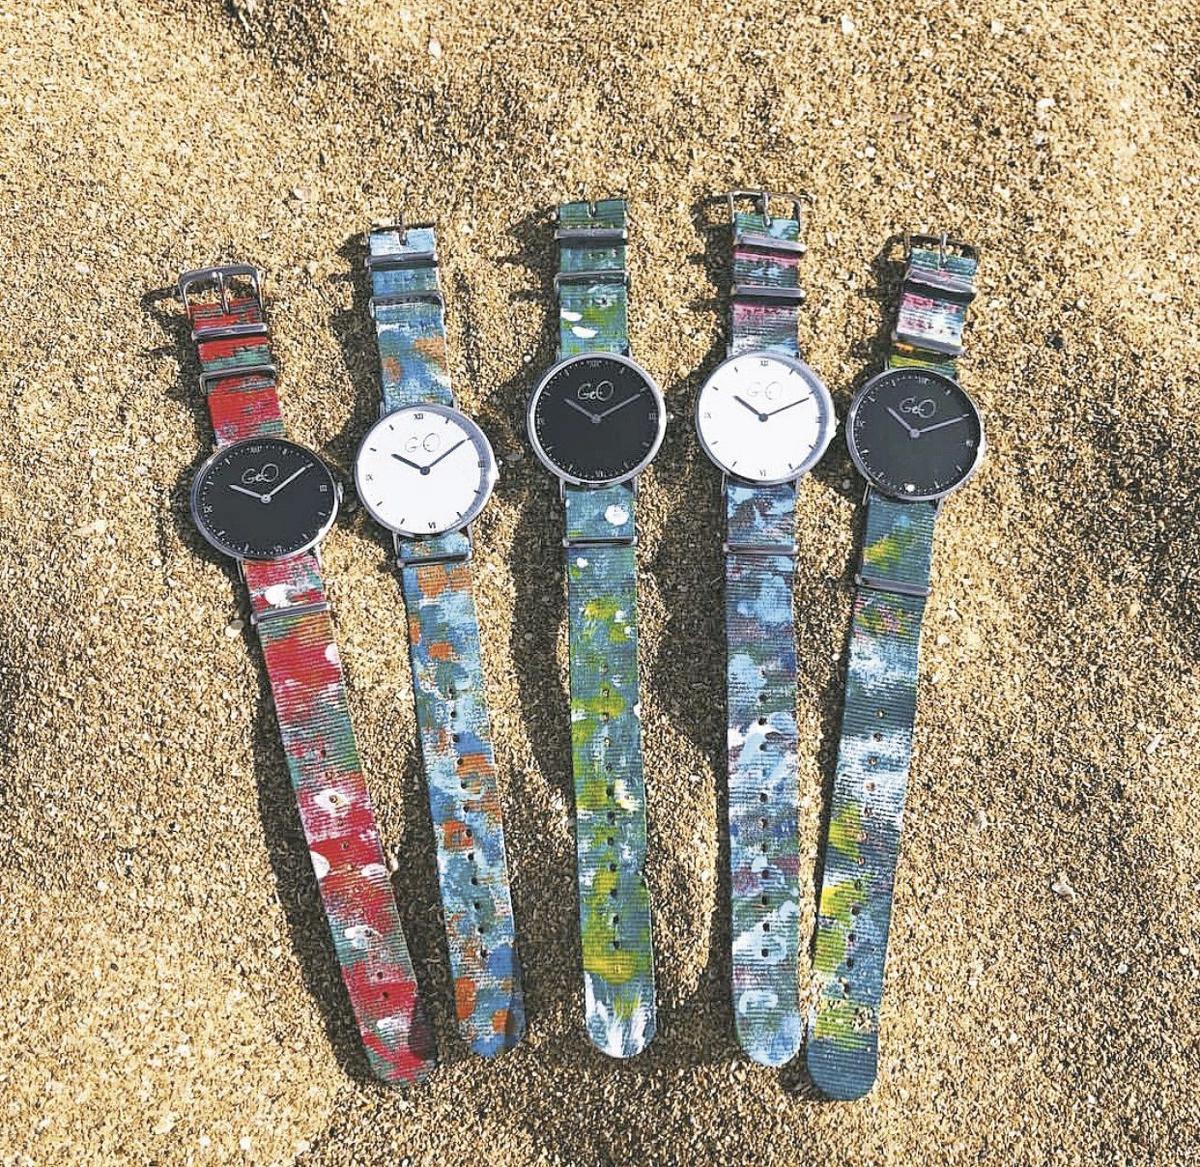 Geo Watches